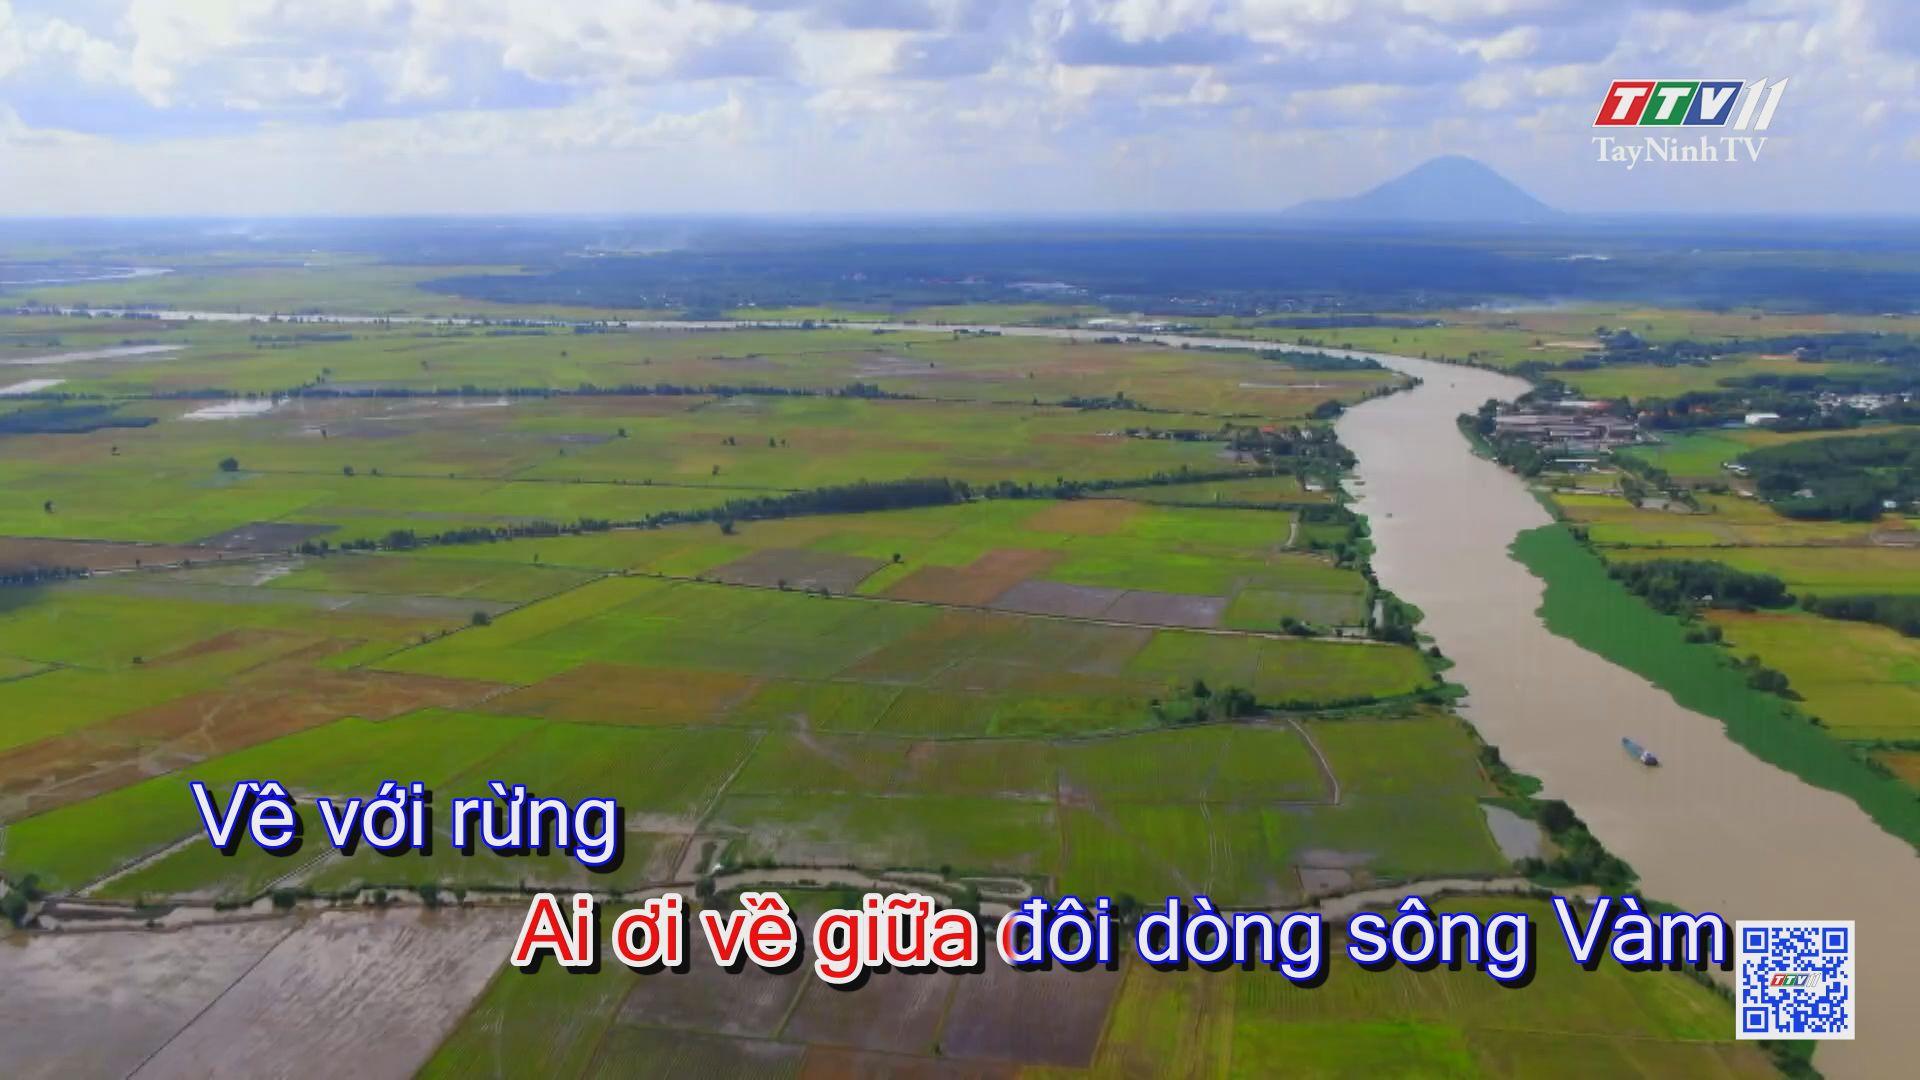 Về giữa đôi dòng sông vàng KARAOKE | Tuyển tập karaoke Tây Ninh tình yêu trong tôi | TayNinhTV